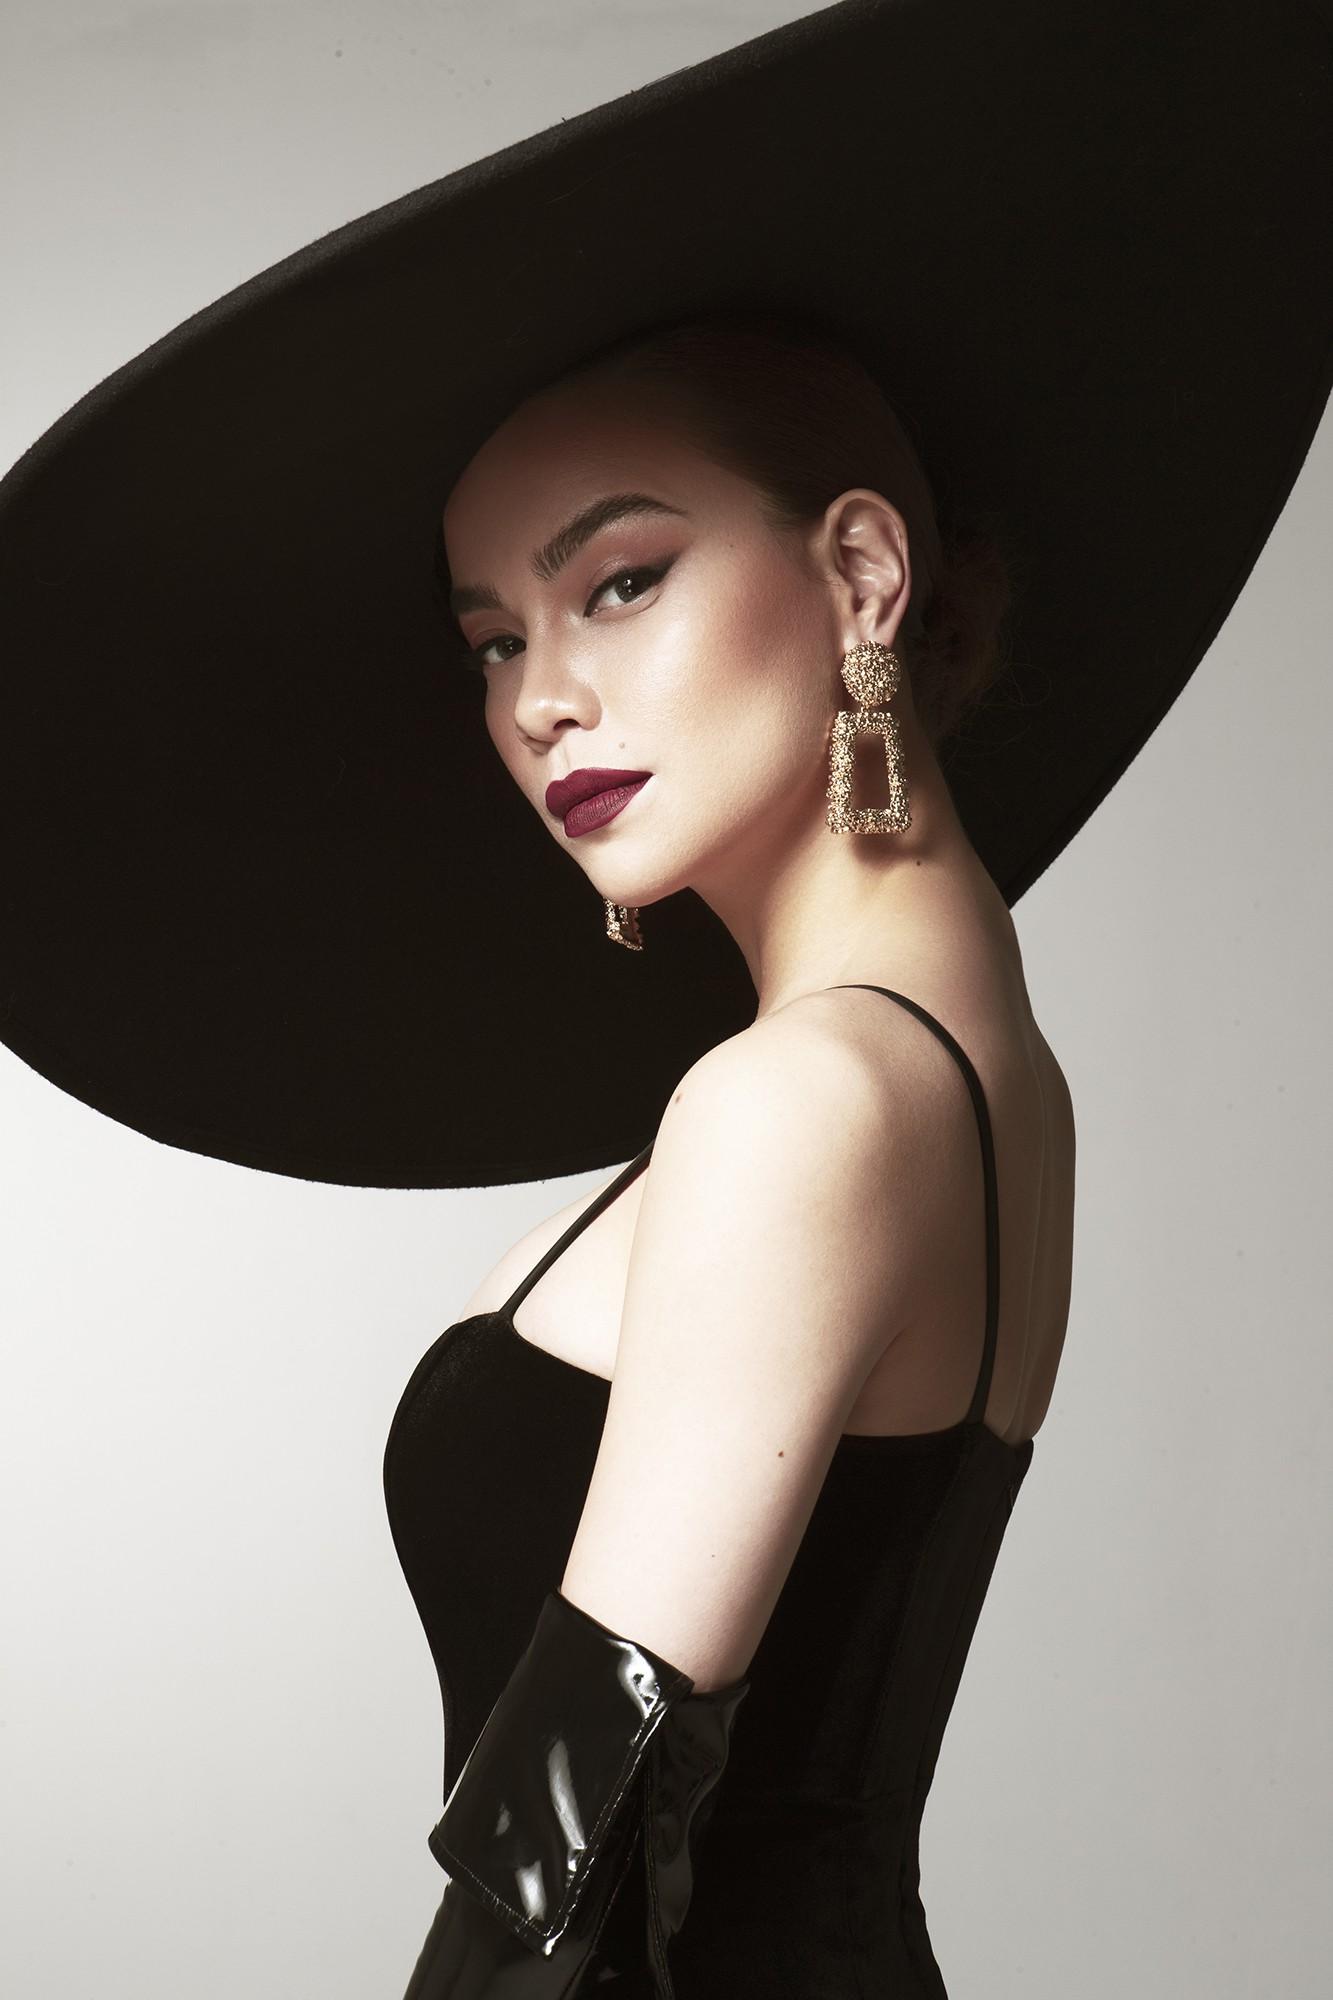 Hồ Ngọc Hà tung bộ hình sexy, hé lộ vai trò tại Asias Next Top Model - Ảnh 3.